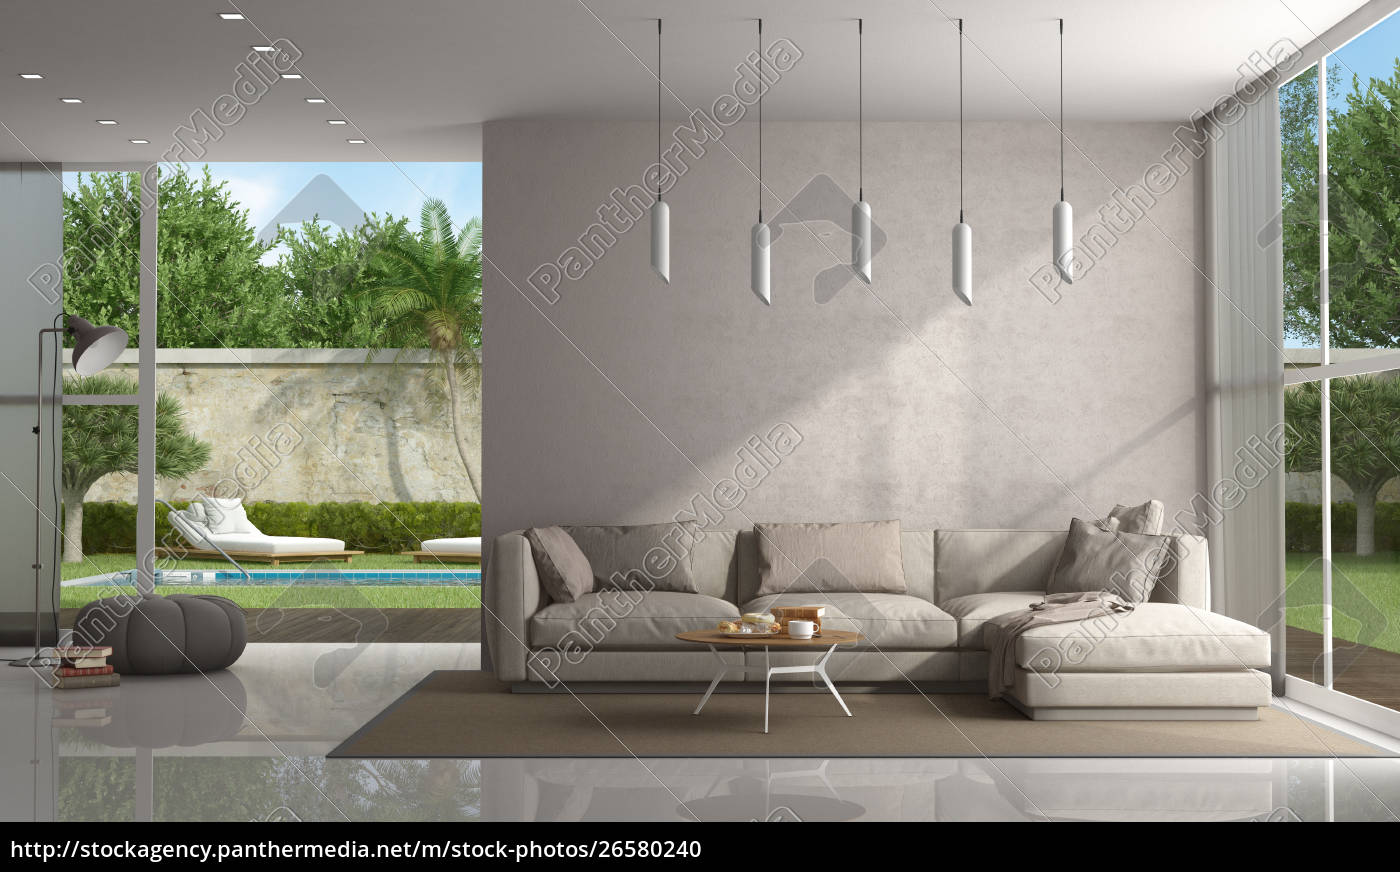 Lizenzfreies Foto 26580240 - Brown living room of a modern villa